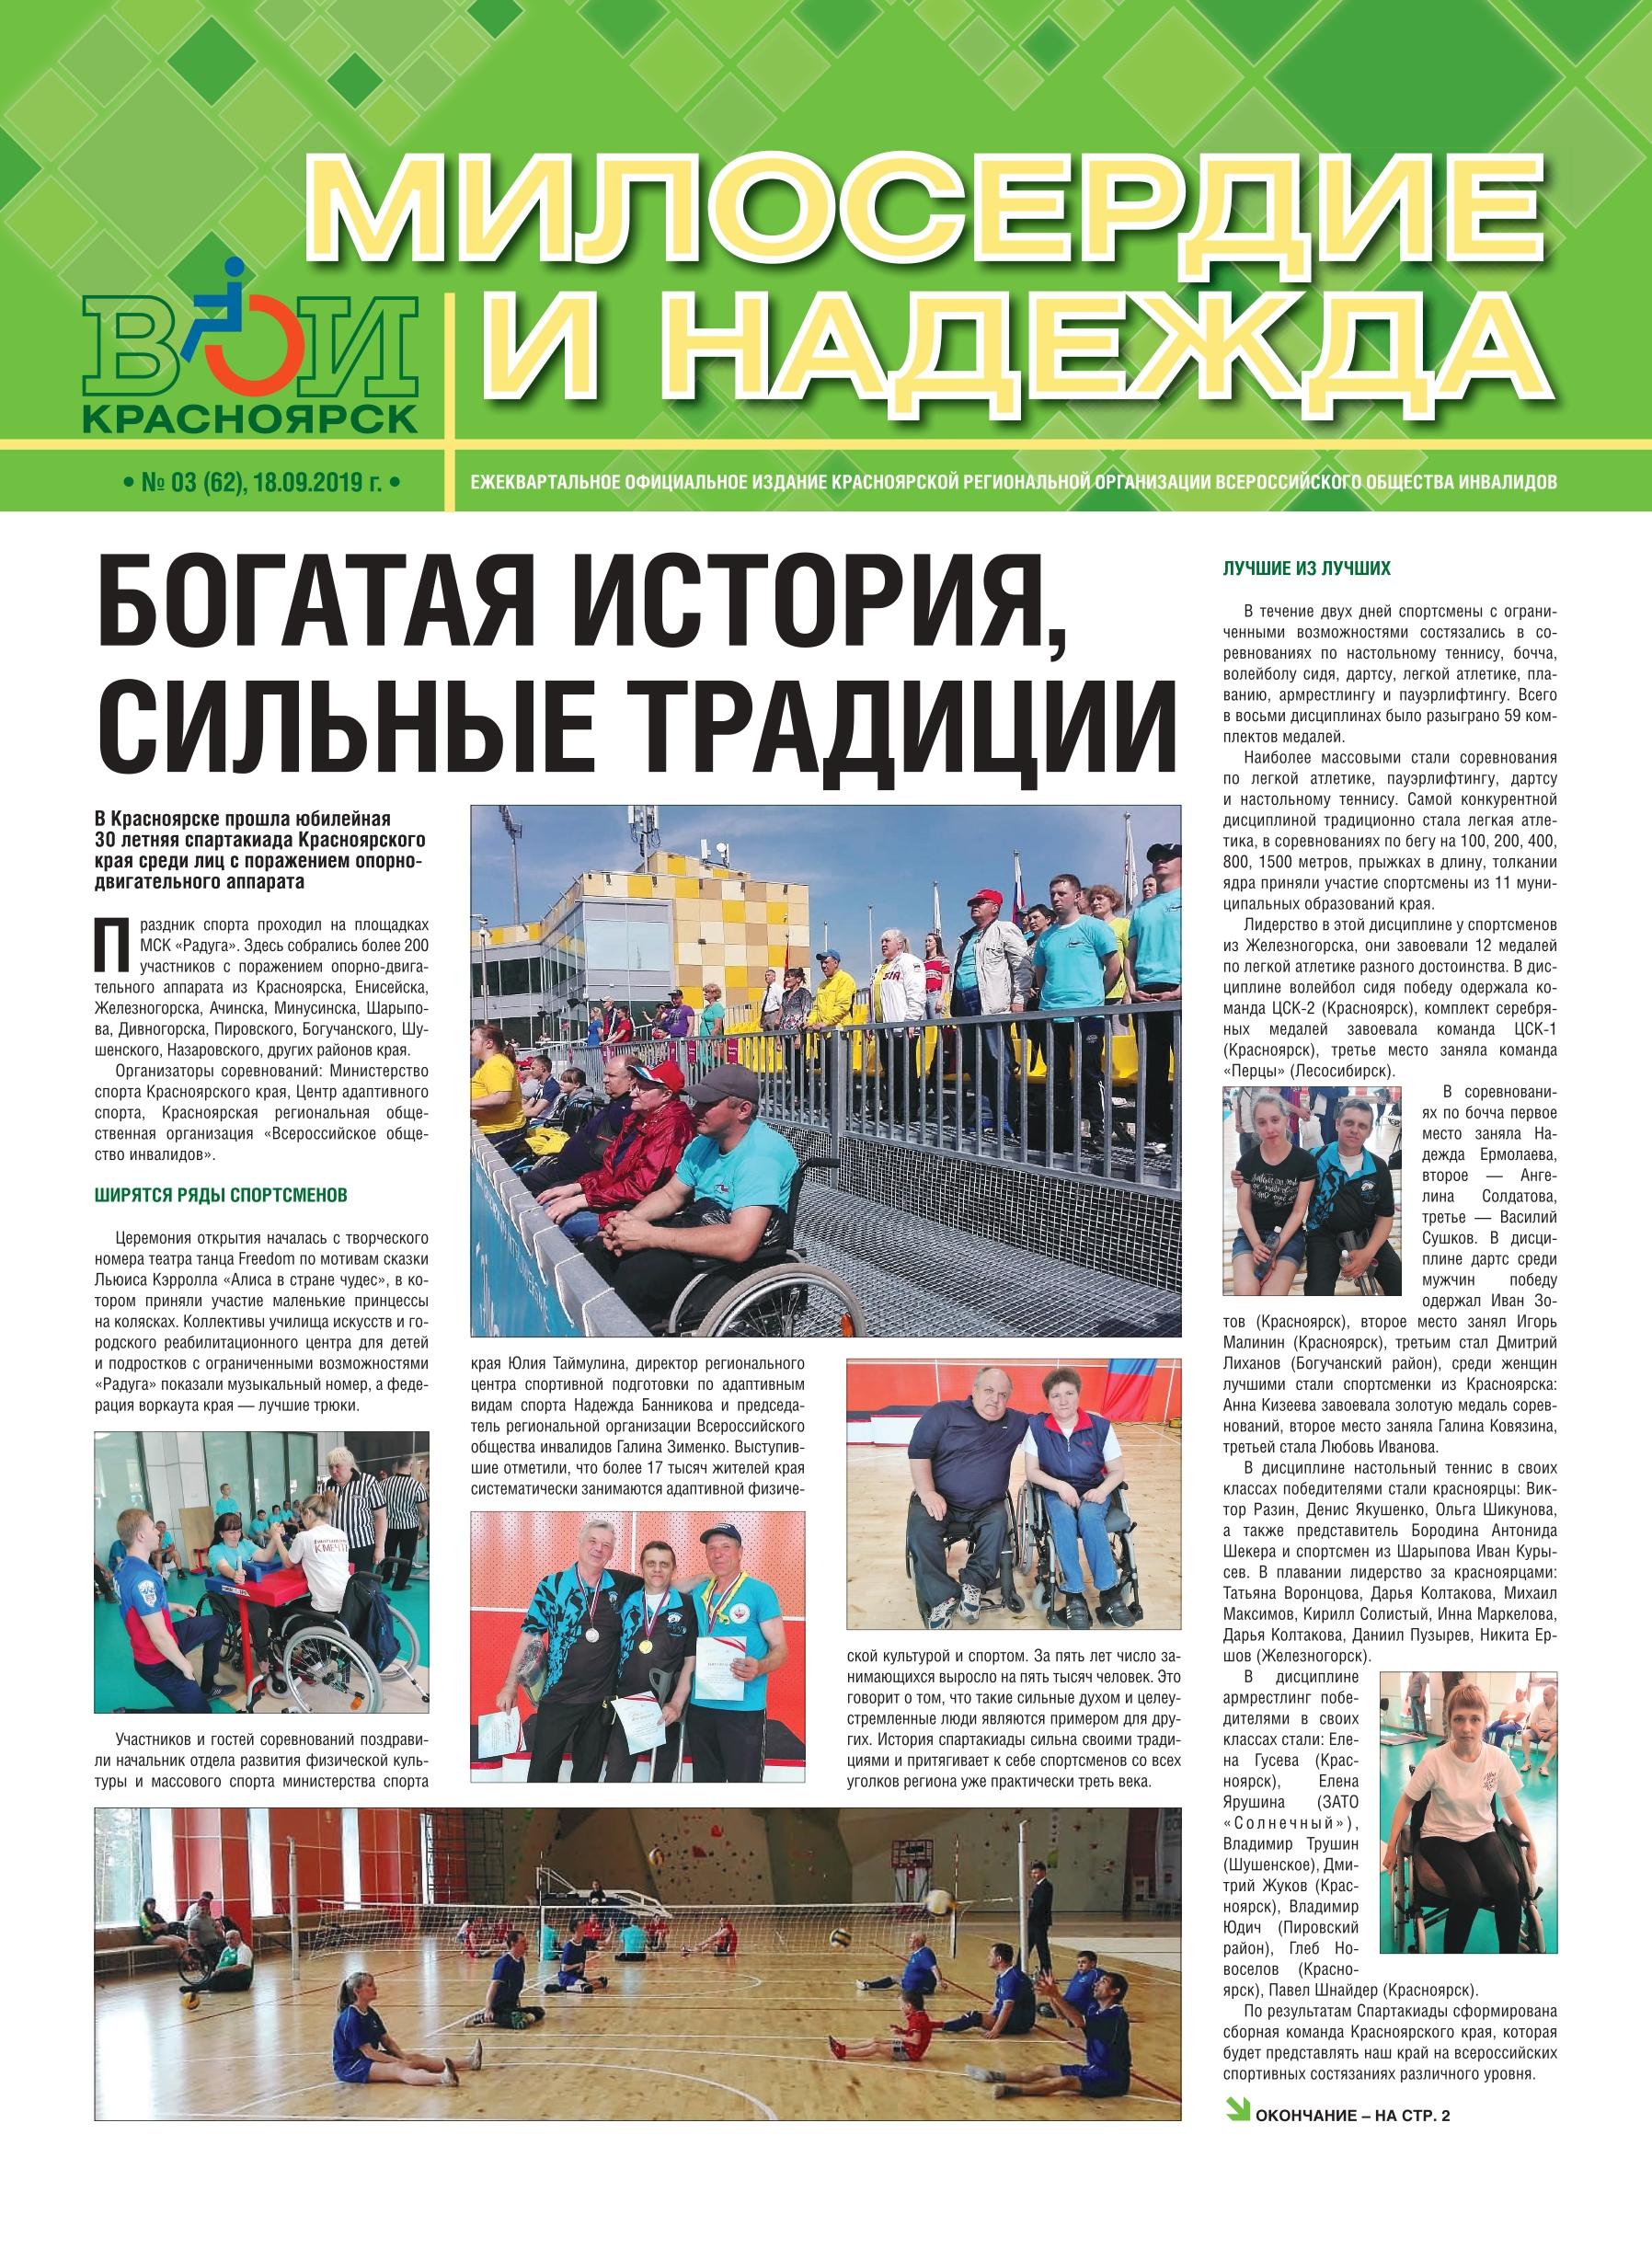 ГАЗЕТА «МИЛОСЕРДИЕ И НАДЕЖДА», ВЫПУСК №62